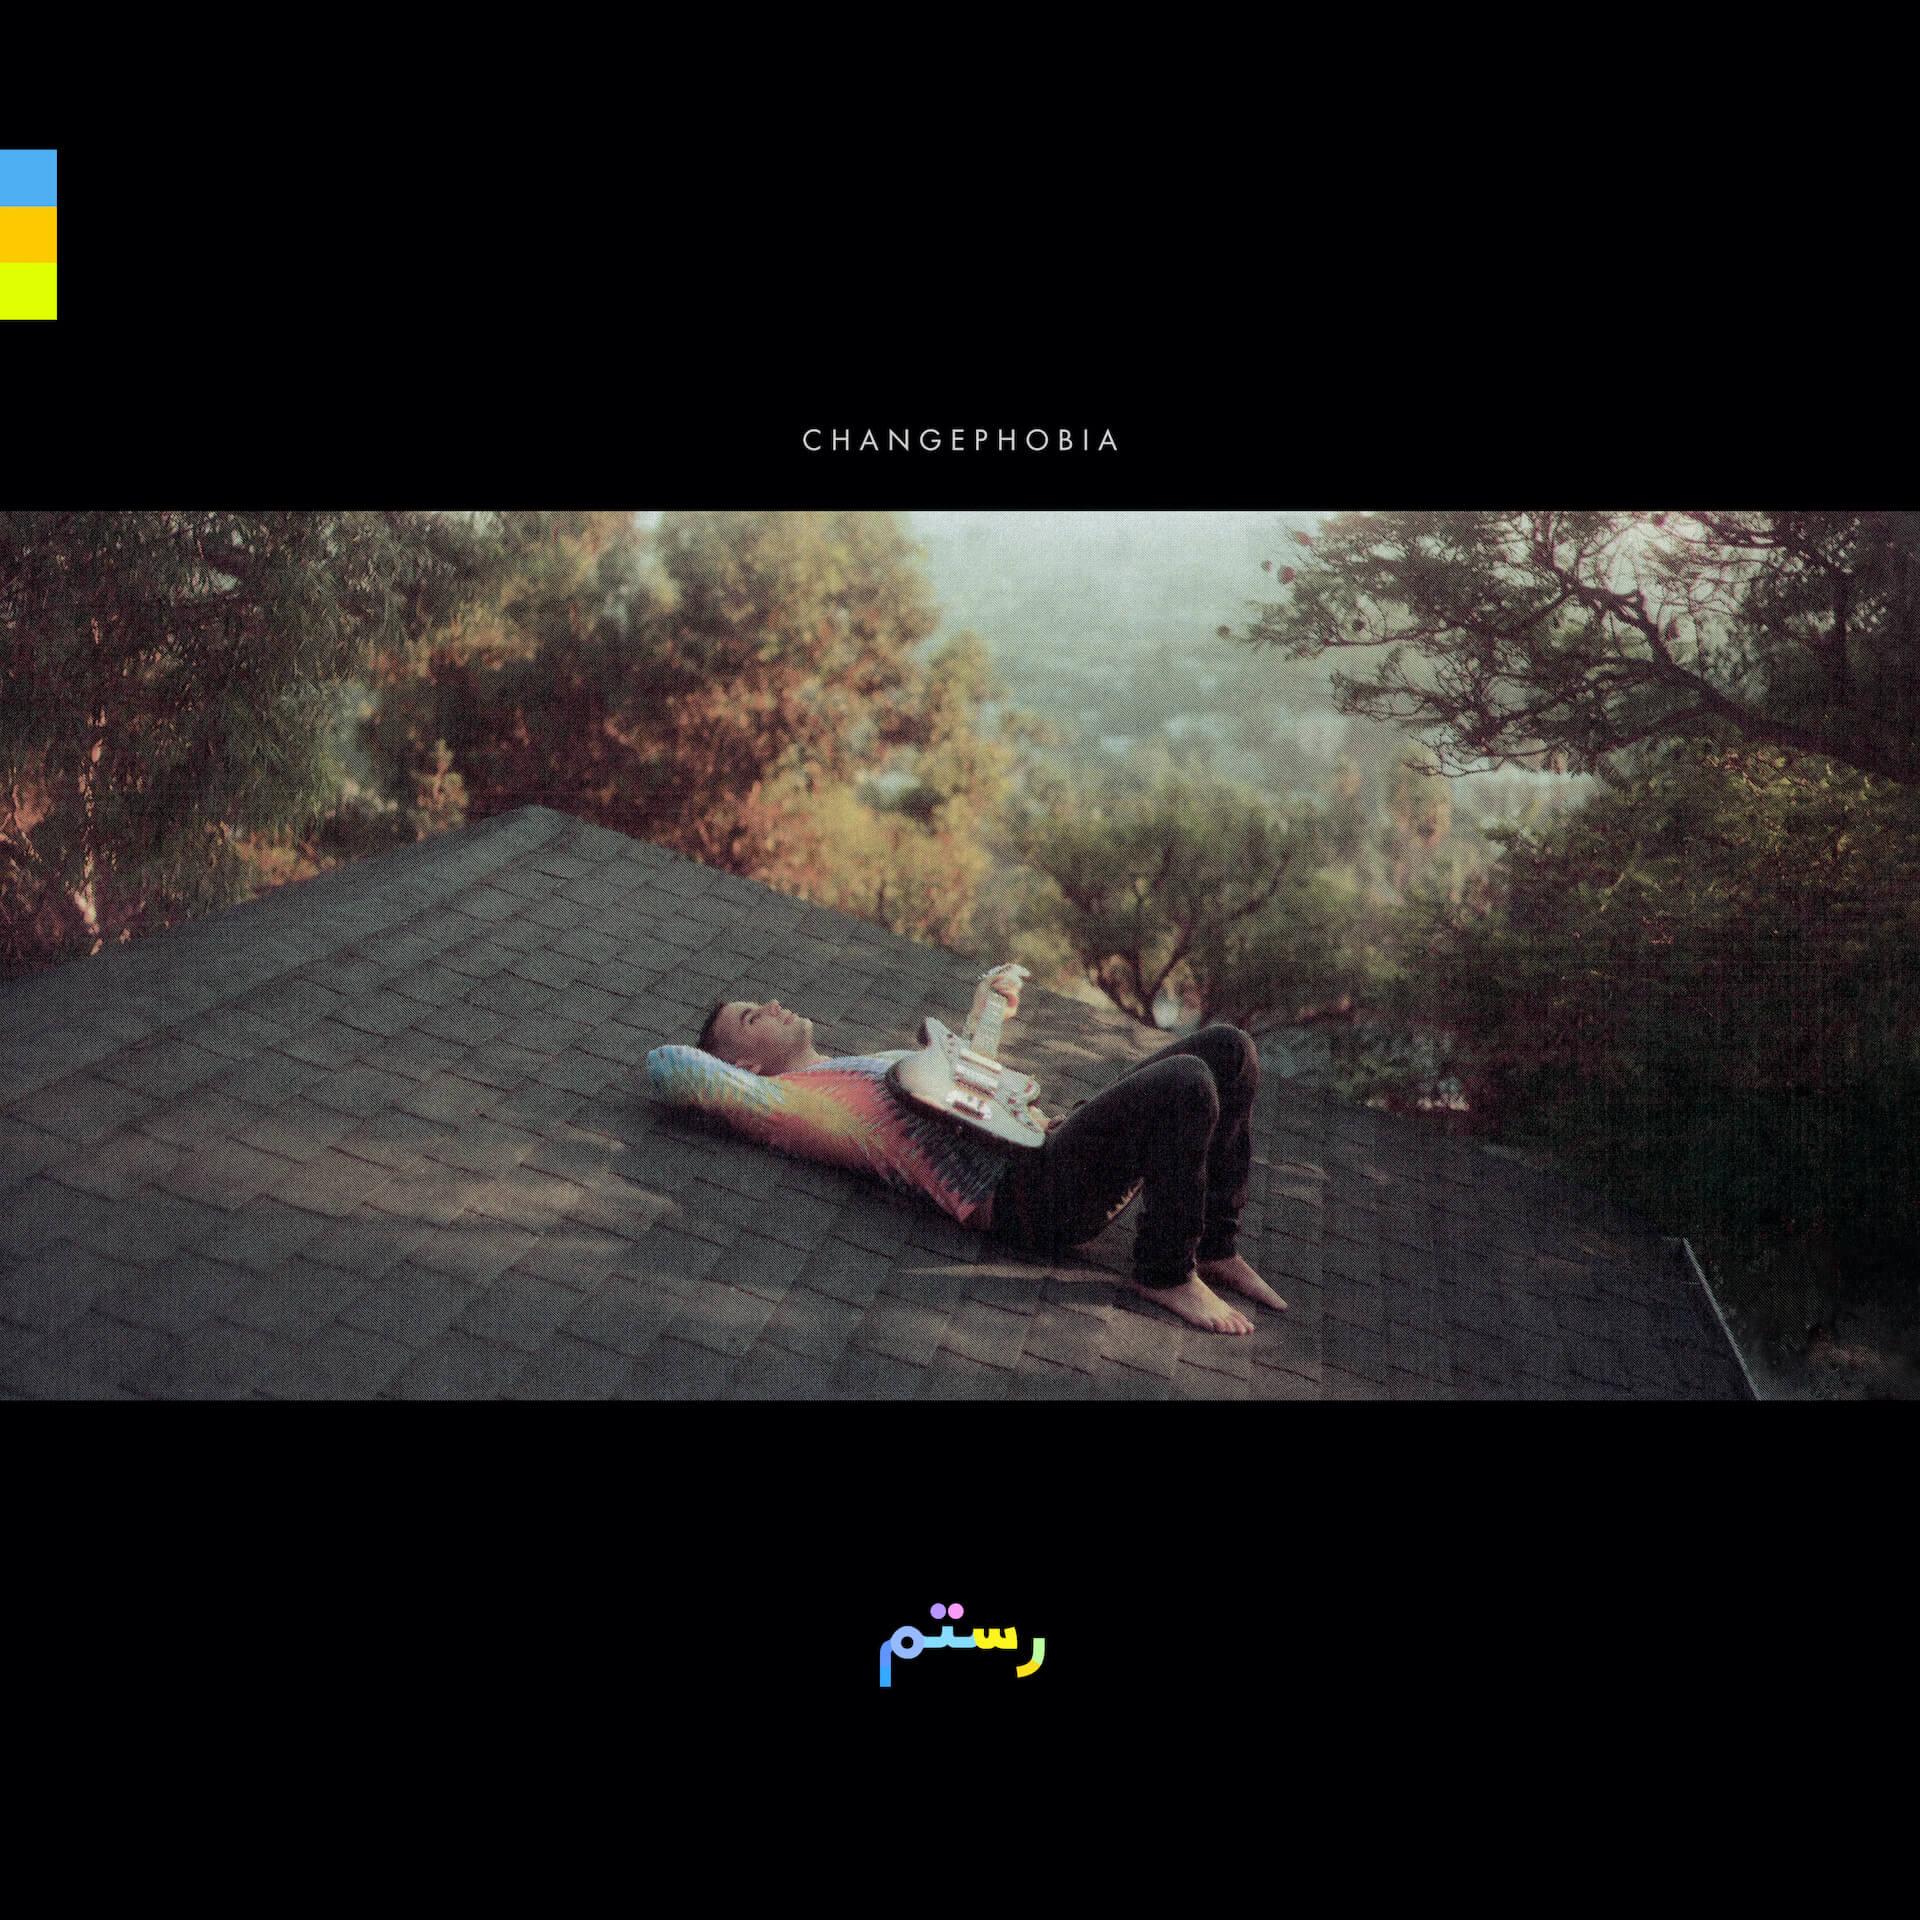 Rostamの2ndアルバム『Changephobia』がスペシャル・エディションで日本限定発売!ROTH BART BARONによるリミックスも music211014-rostam-01